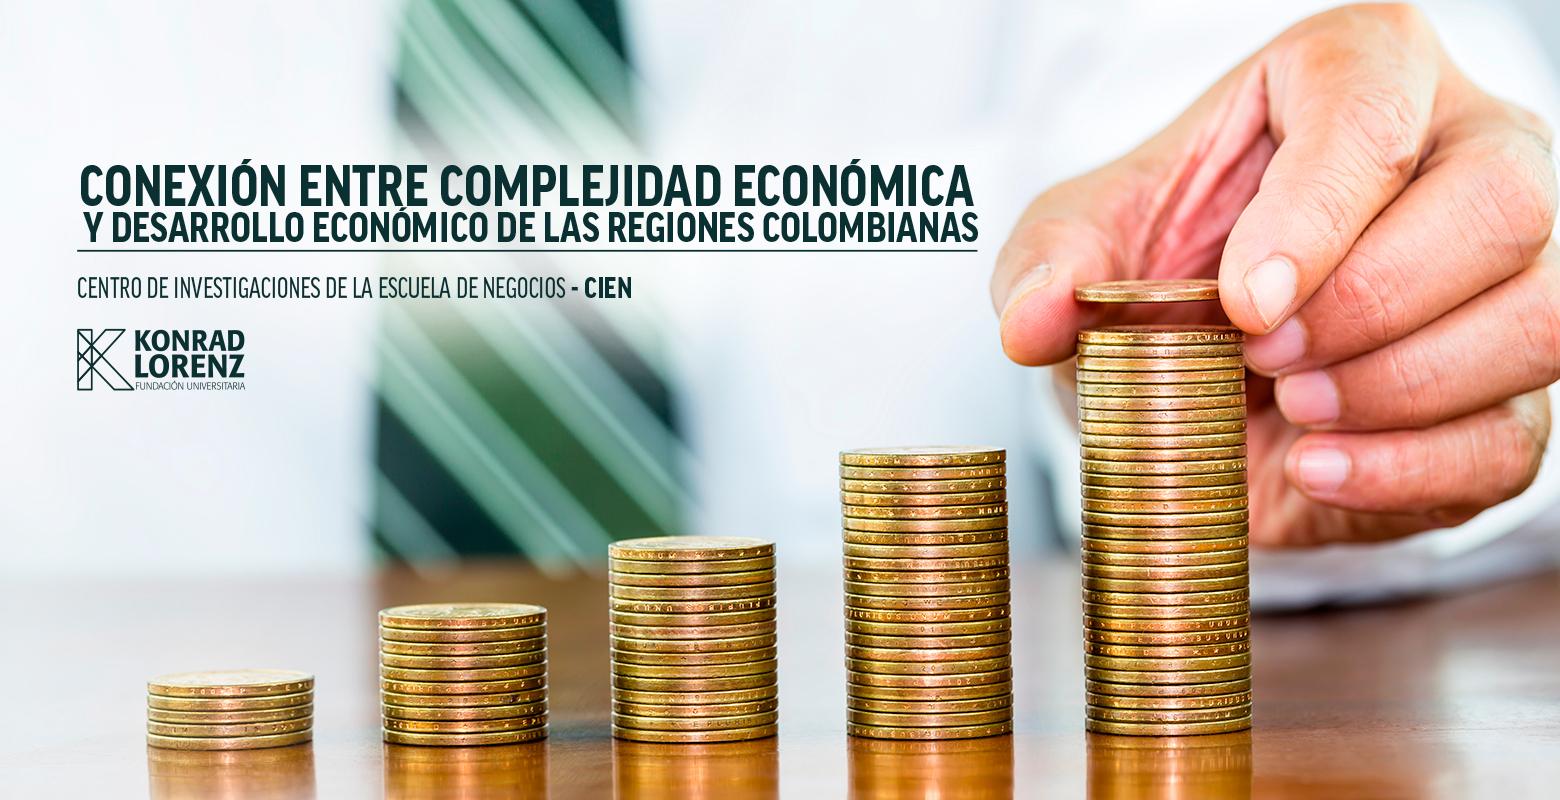 Conexión entre complejidad económica y desarrollo económico de las regiones colombianas